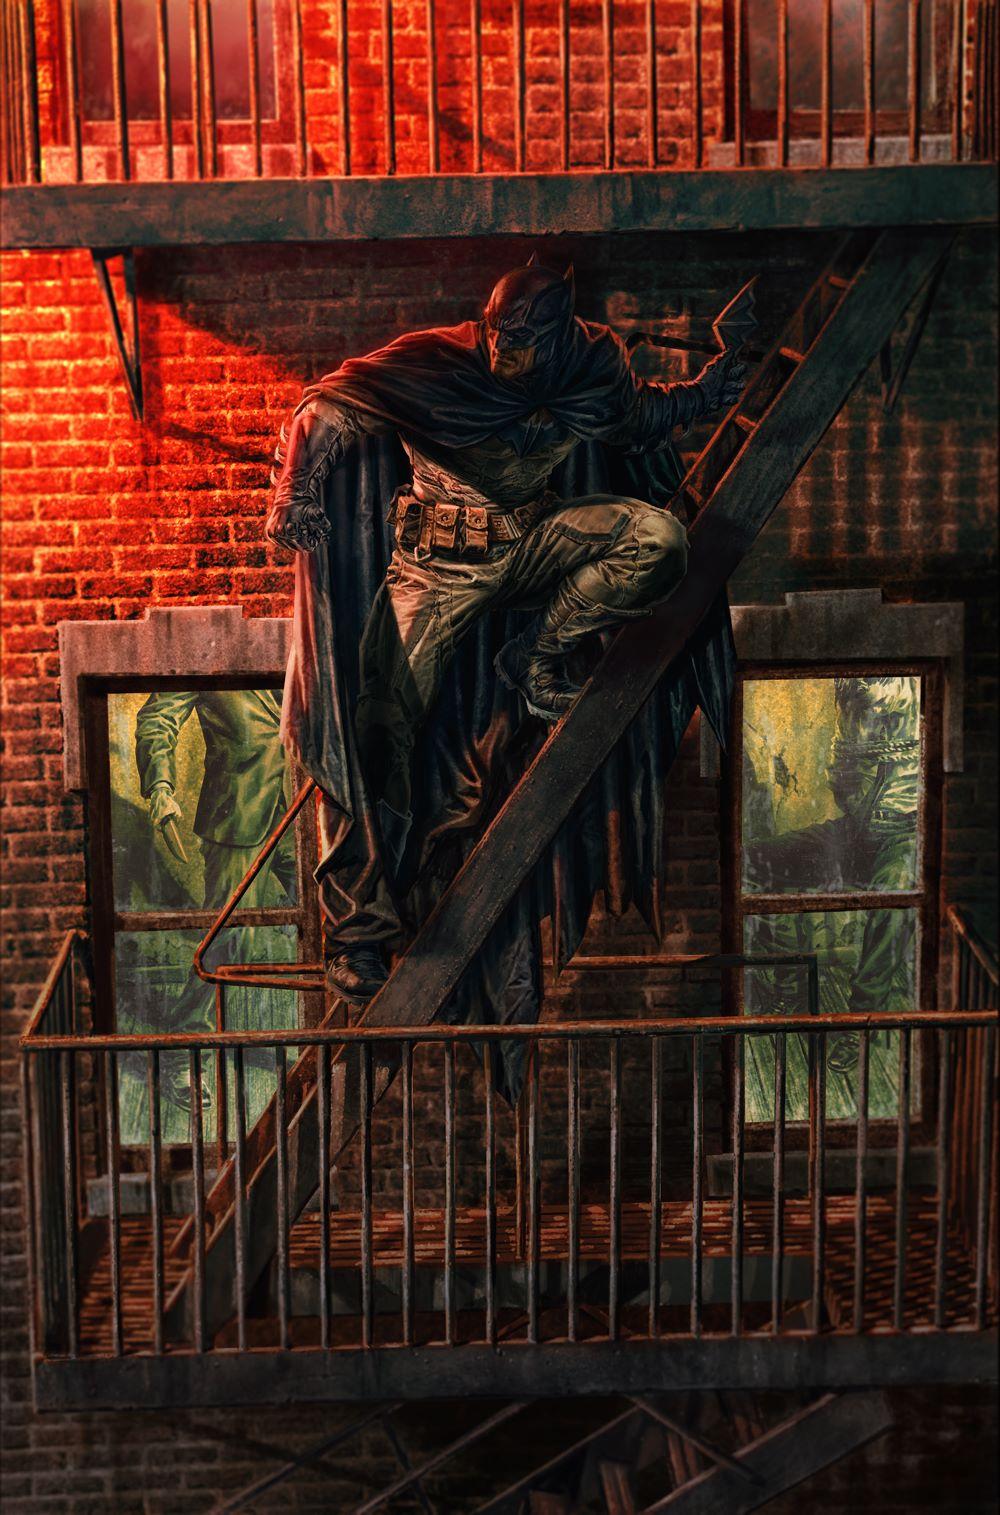 Detective-Comics-1035-Variant-Cover DC Comics April 2021 Solicitations